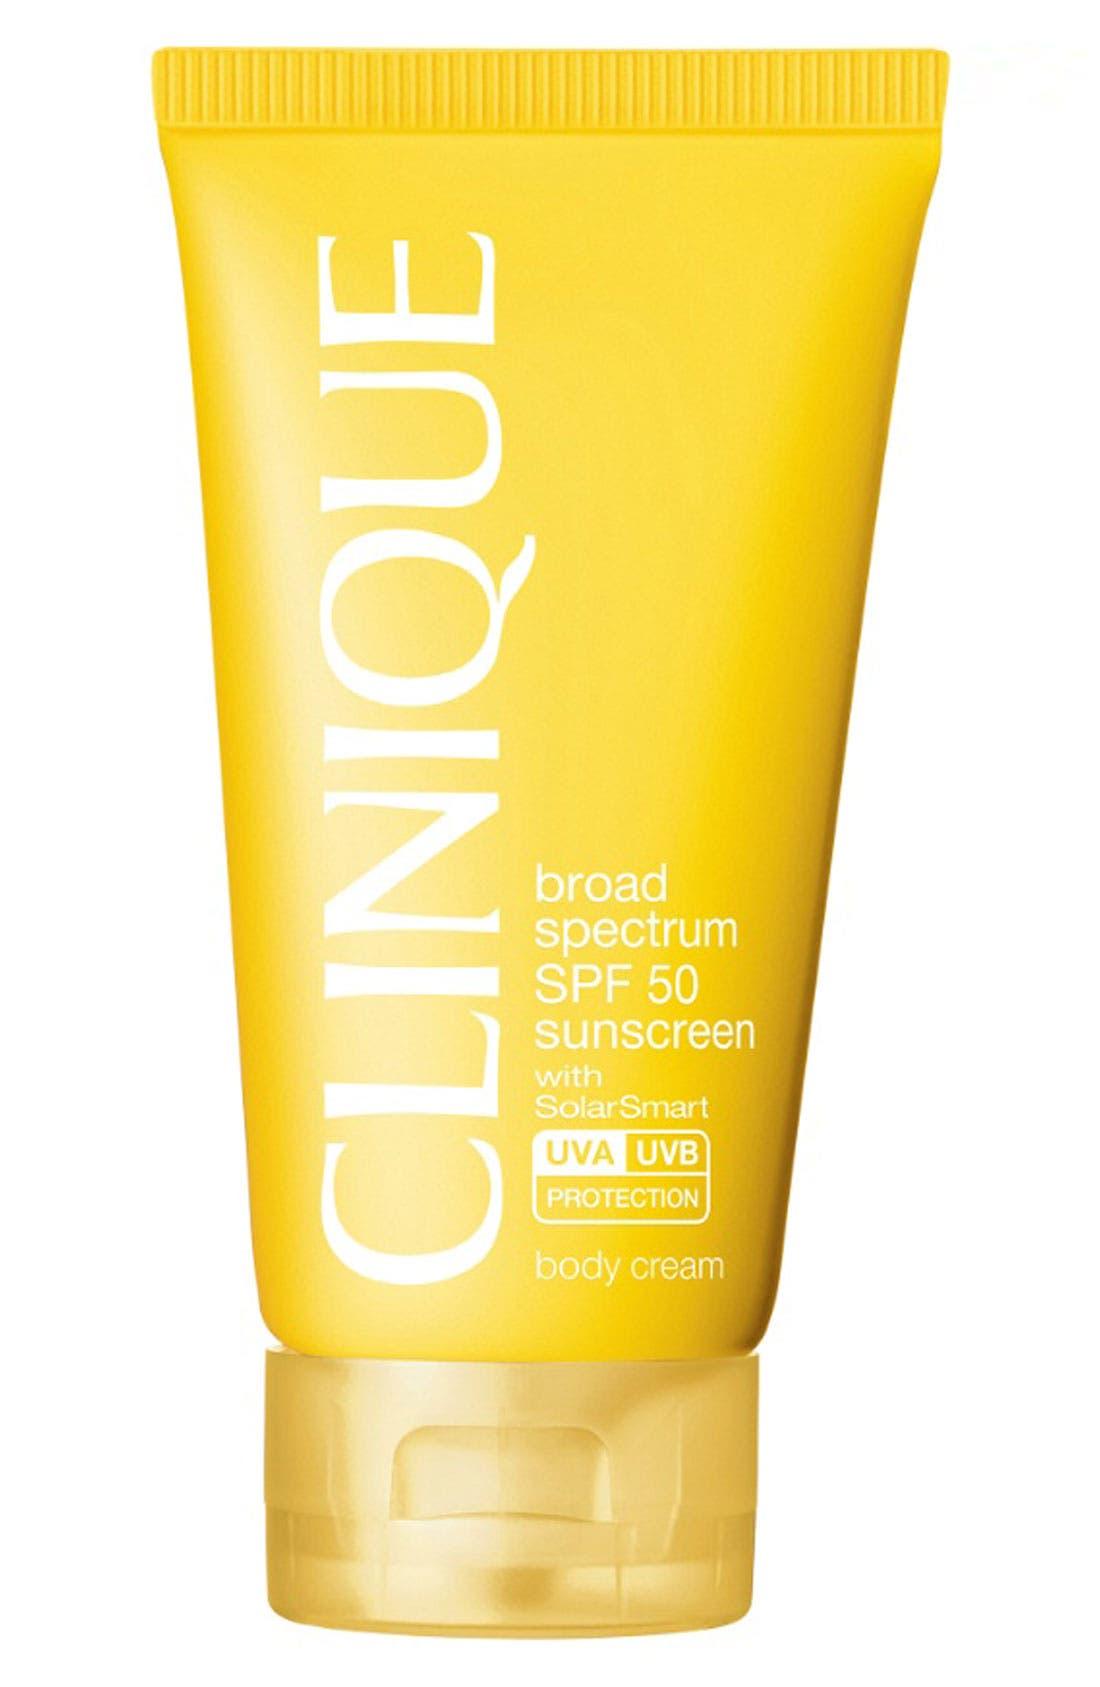 Clinique Sun Broad Spectrum SPF 50 Body Cream